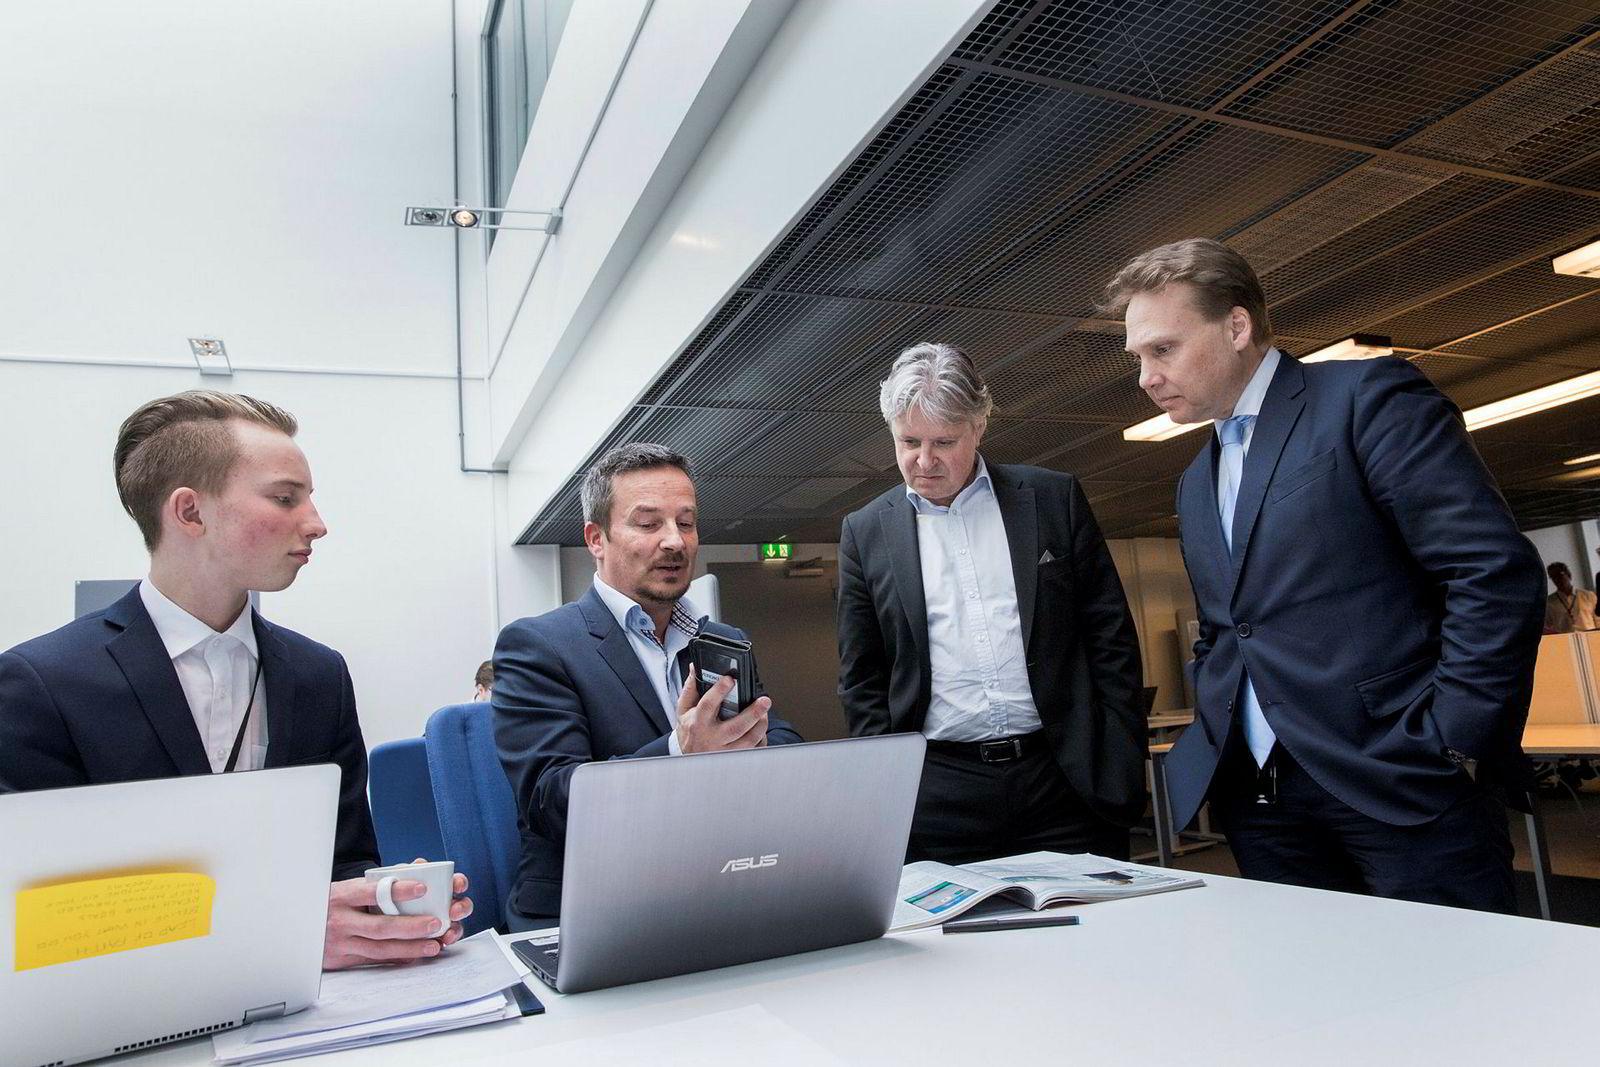 Gründerne Eirik Larsen (fra venstre) og Rich Larsen snakker med toppsjef Casper von Koskull og banksjef i Norge John Sætre i Nordea på gründersenteret The Factory på Telenor Arena.